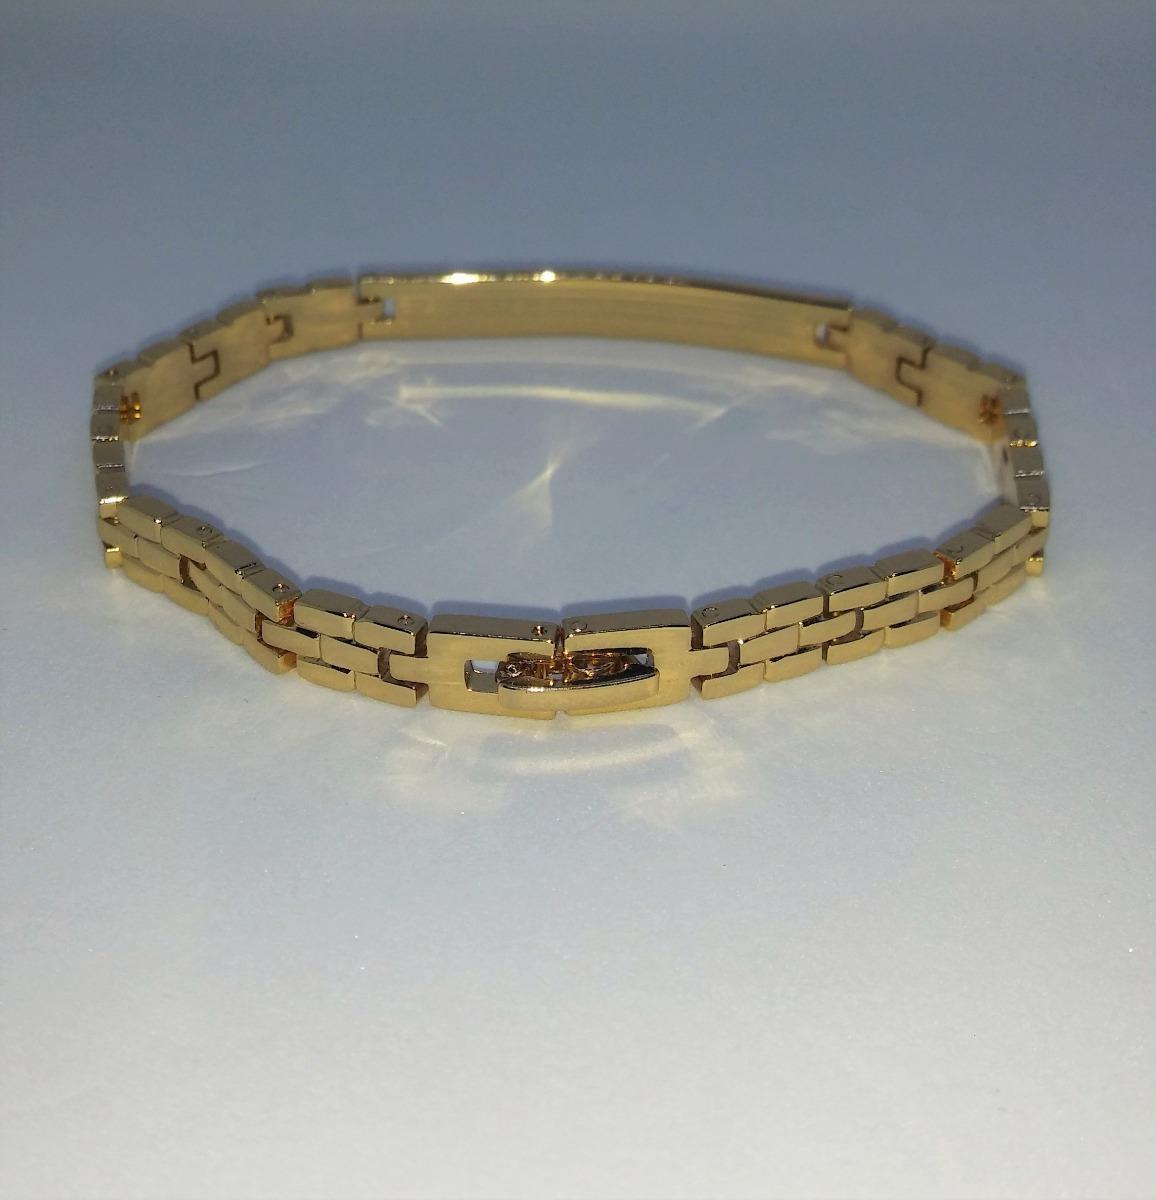 2c8e73ded7c3 pulsera tipo esclava swarovski oro rosa acero 18 k regalo. Cargando zoom.